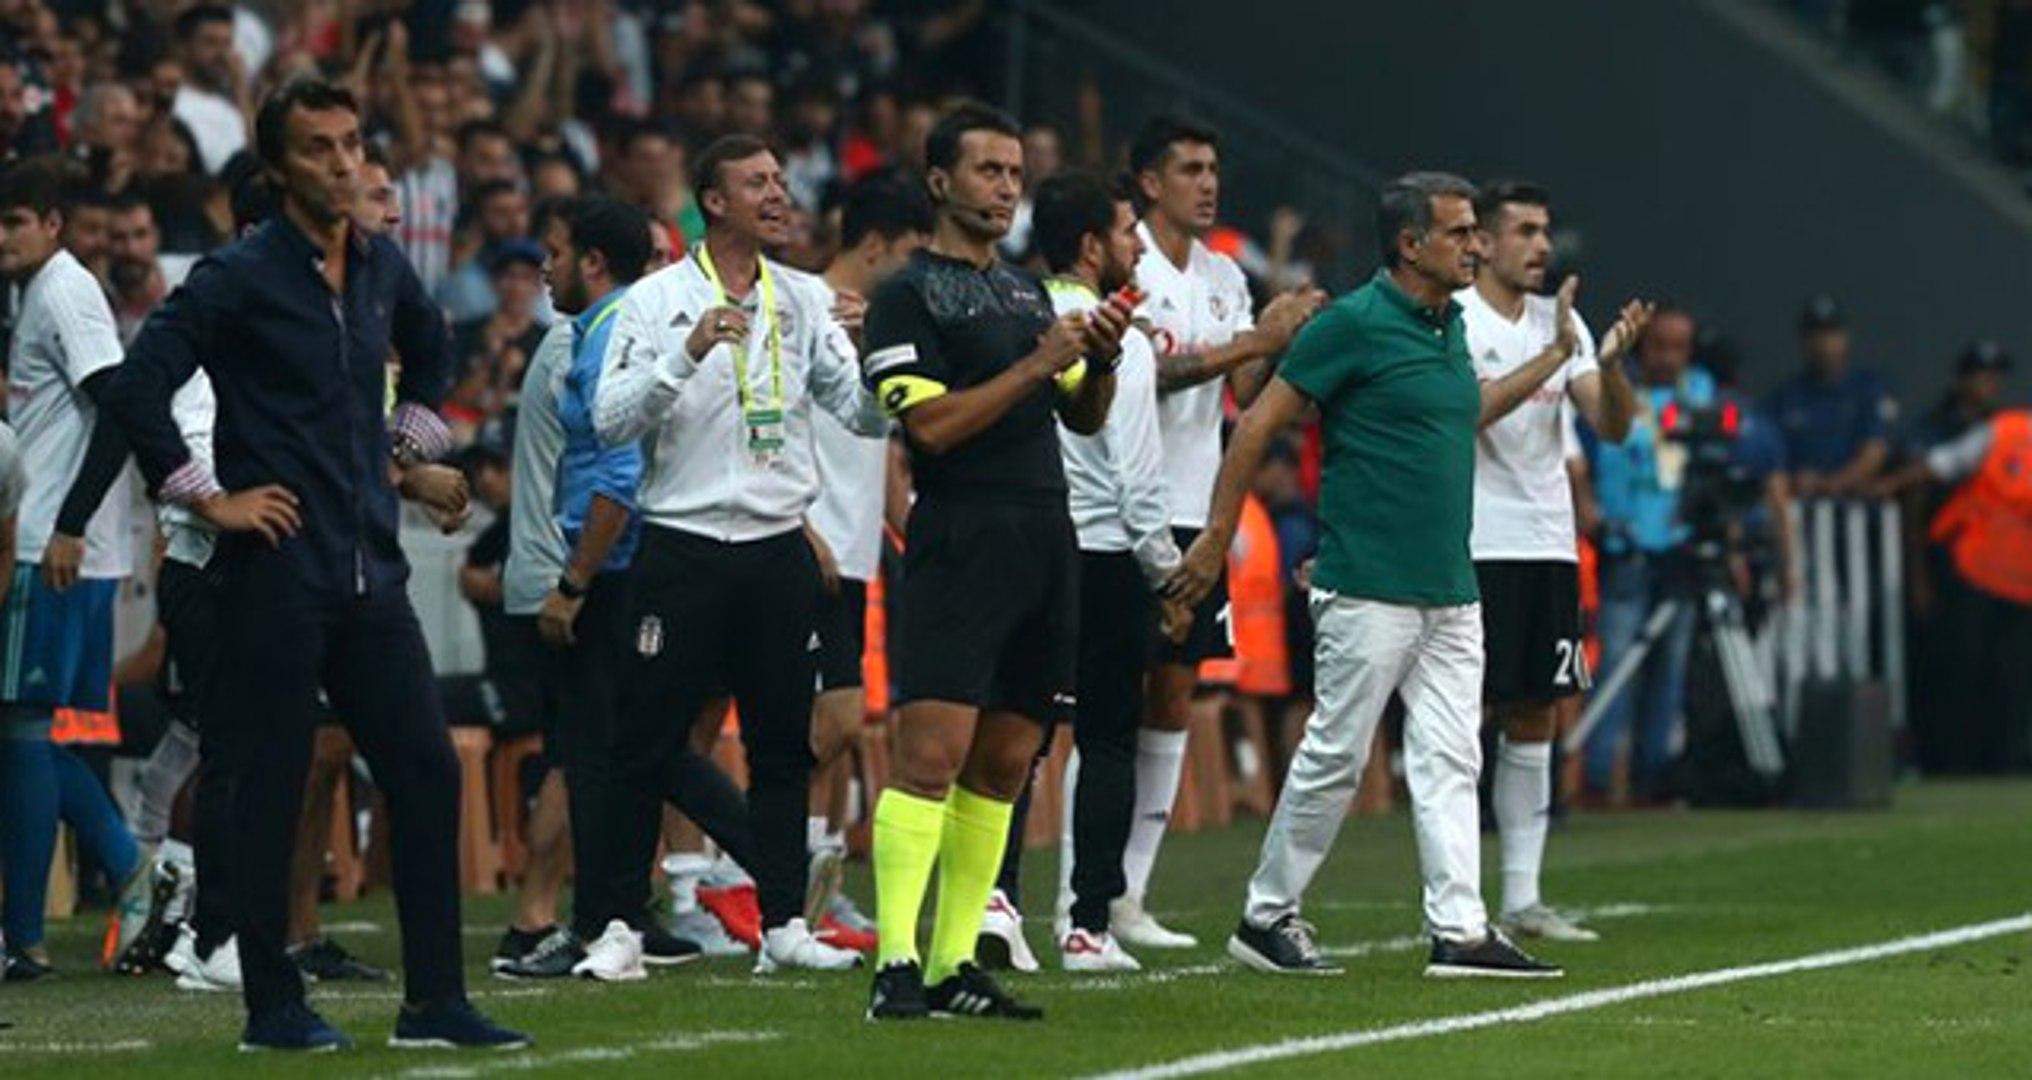 Beşiktaş - Antalyaspor Maçında Kural Hatası Yapıldığı İddia Edildi